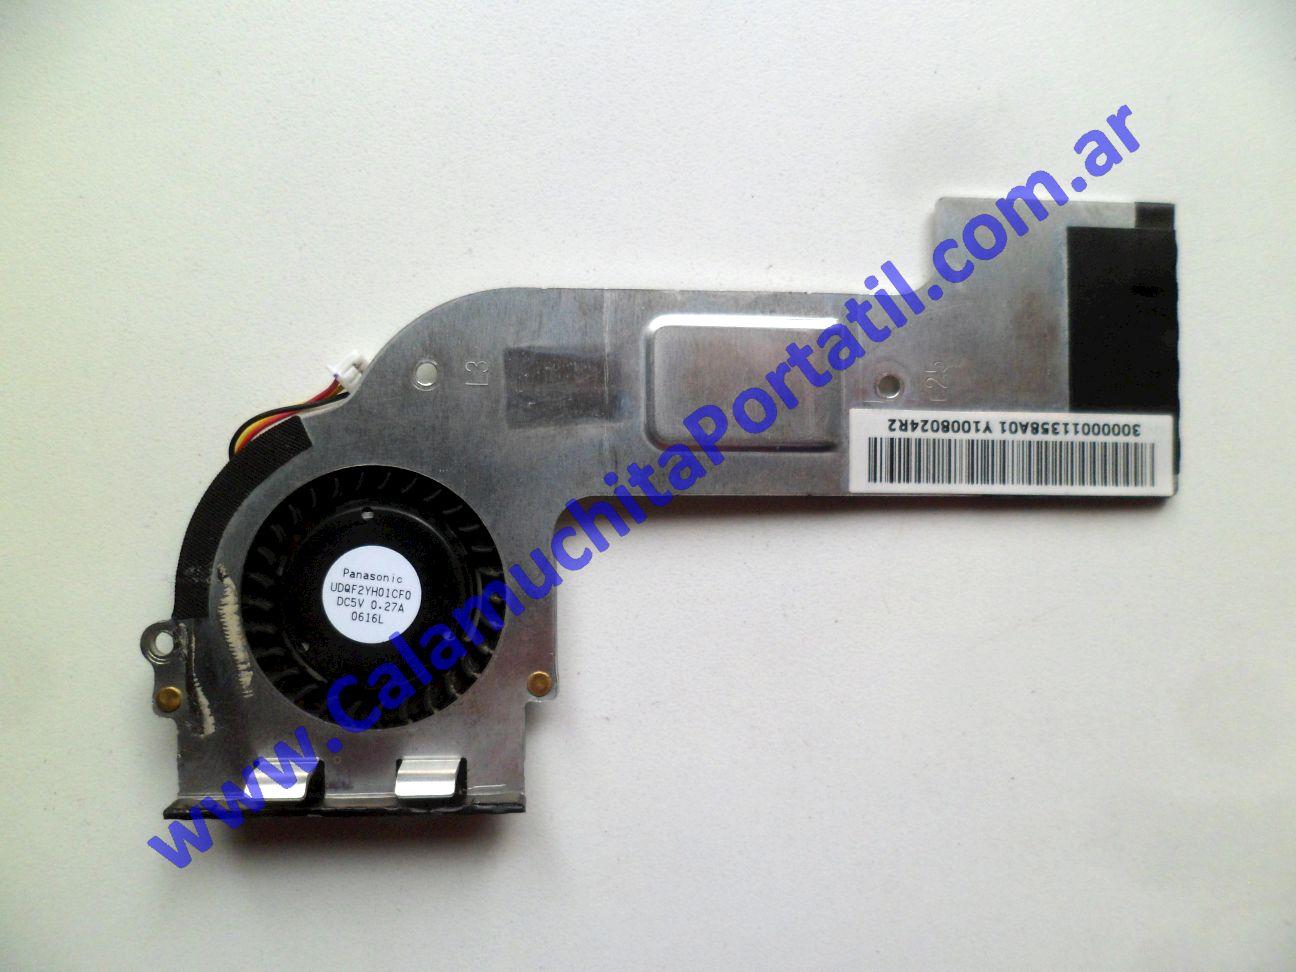 0506VDA Cooler C/Disipador Sony Vaio VPCM120AL / PCG-21311u